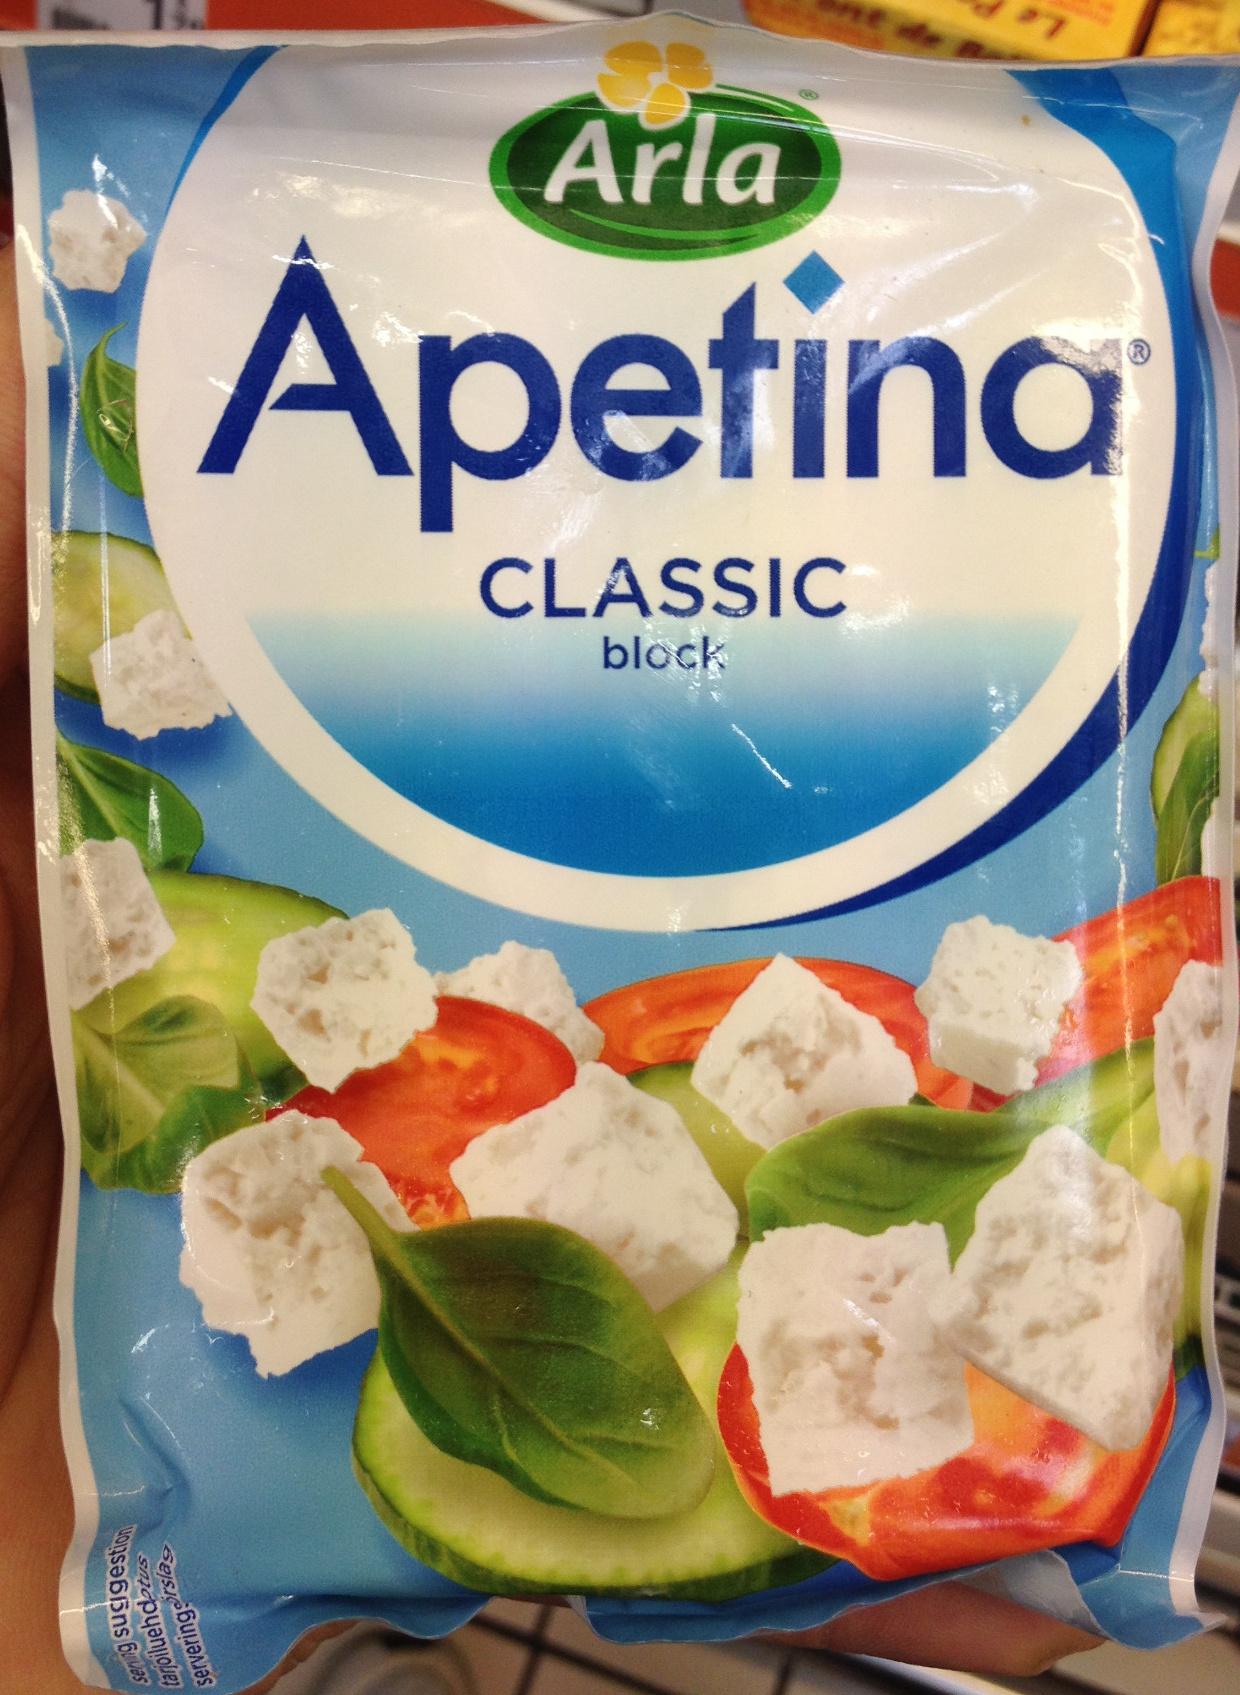 Apetina Classic block - Product - fr